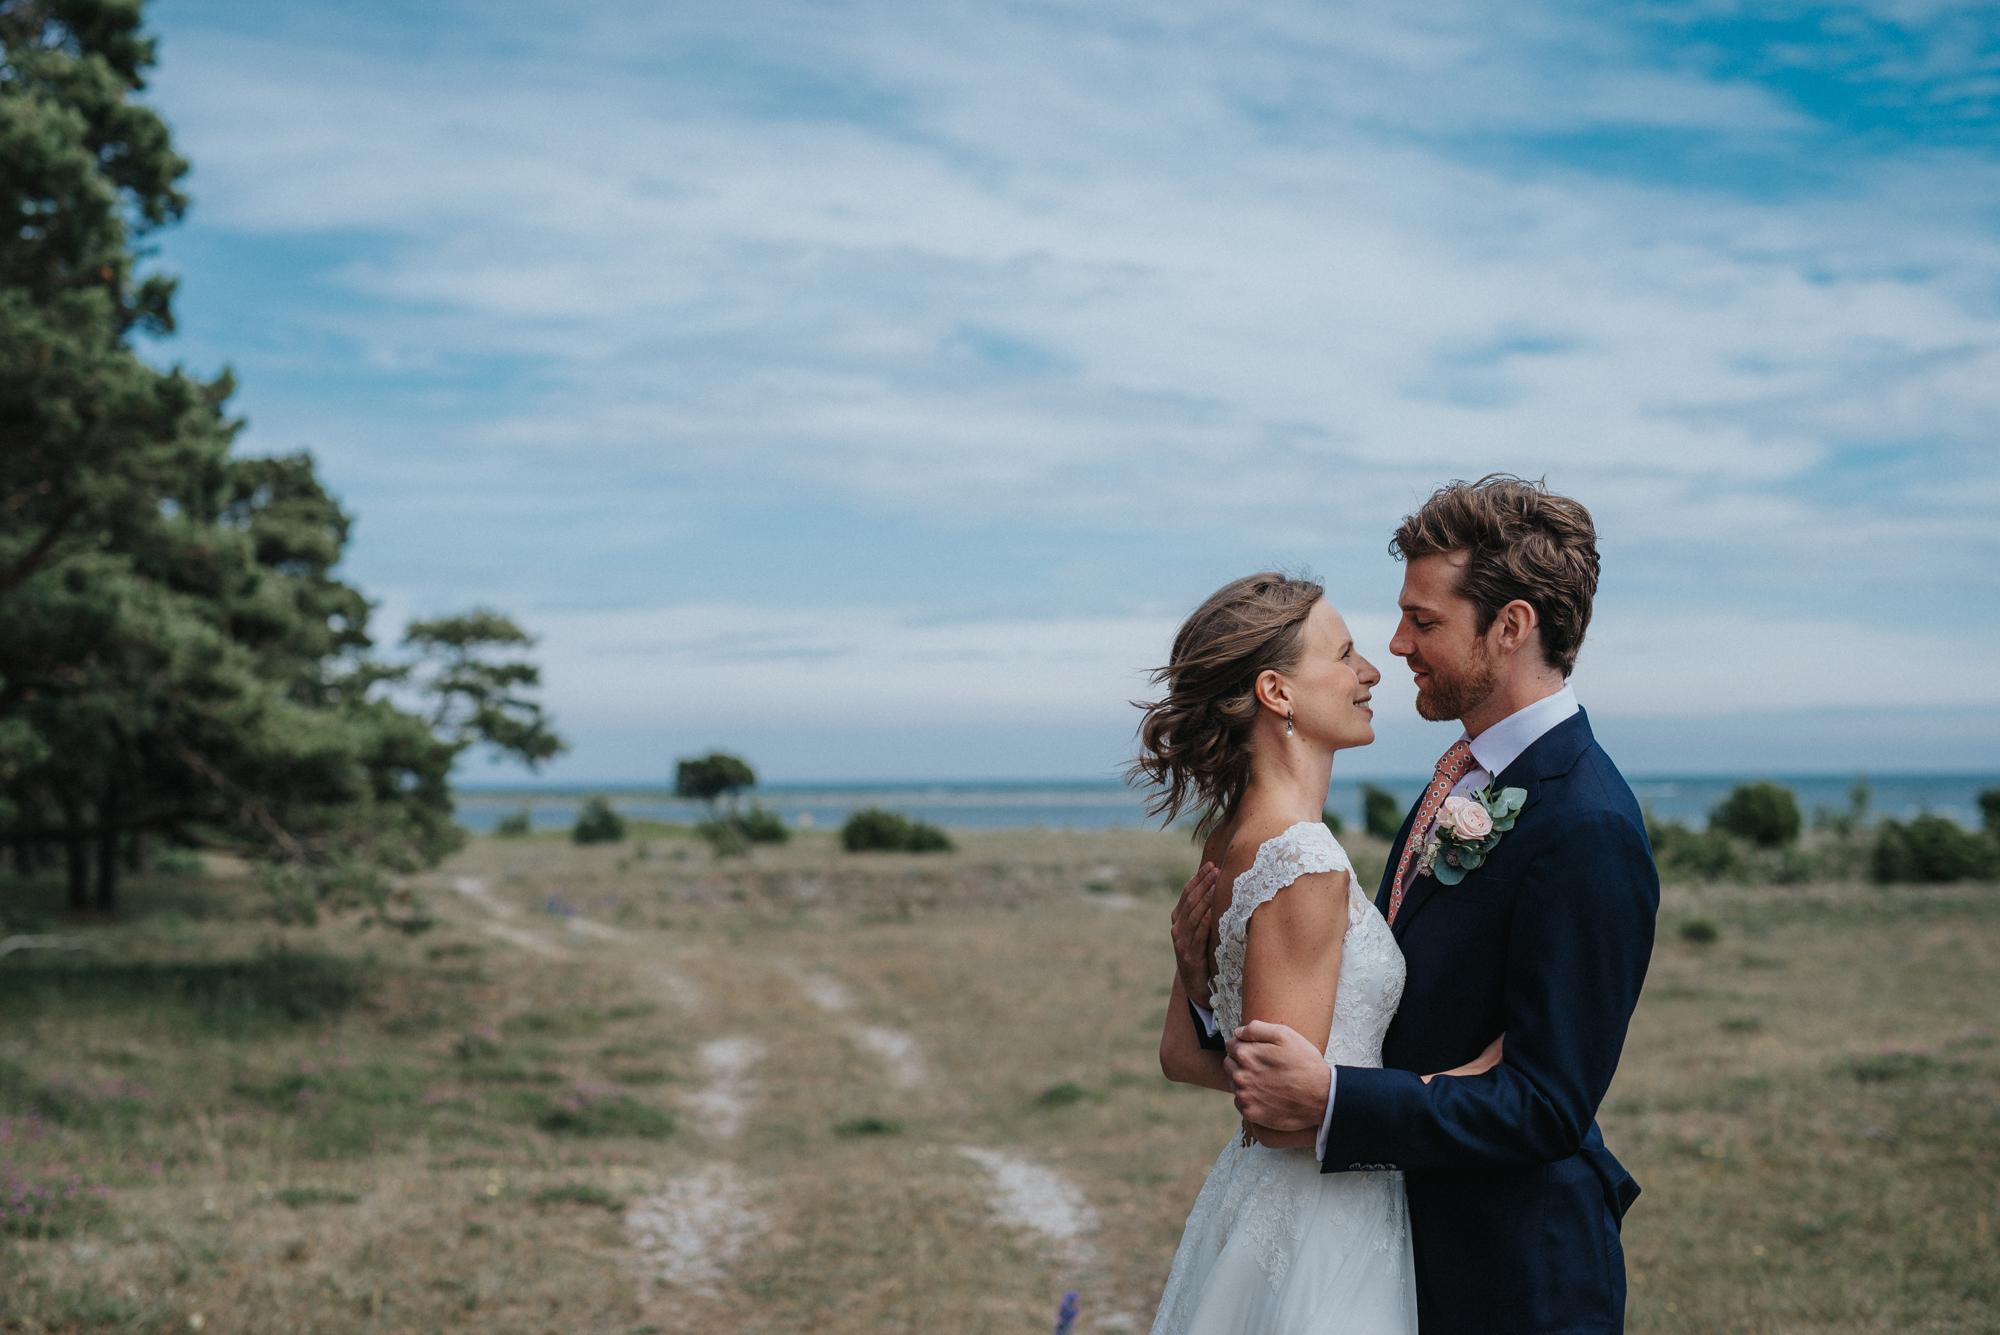 007-bröllop-närsholmen-gotland-neas-fotografi.jpg